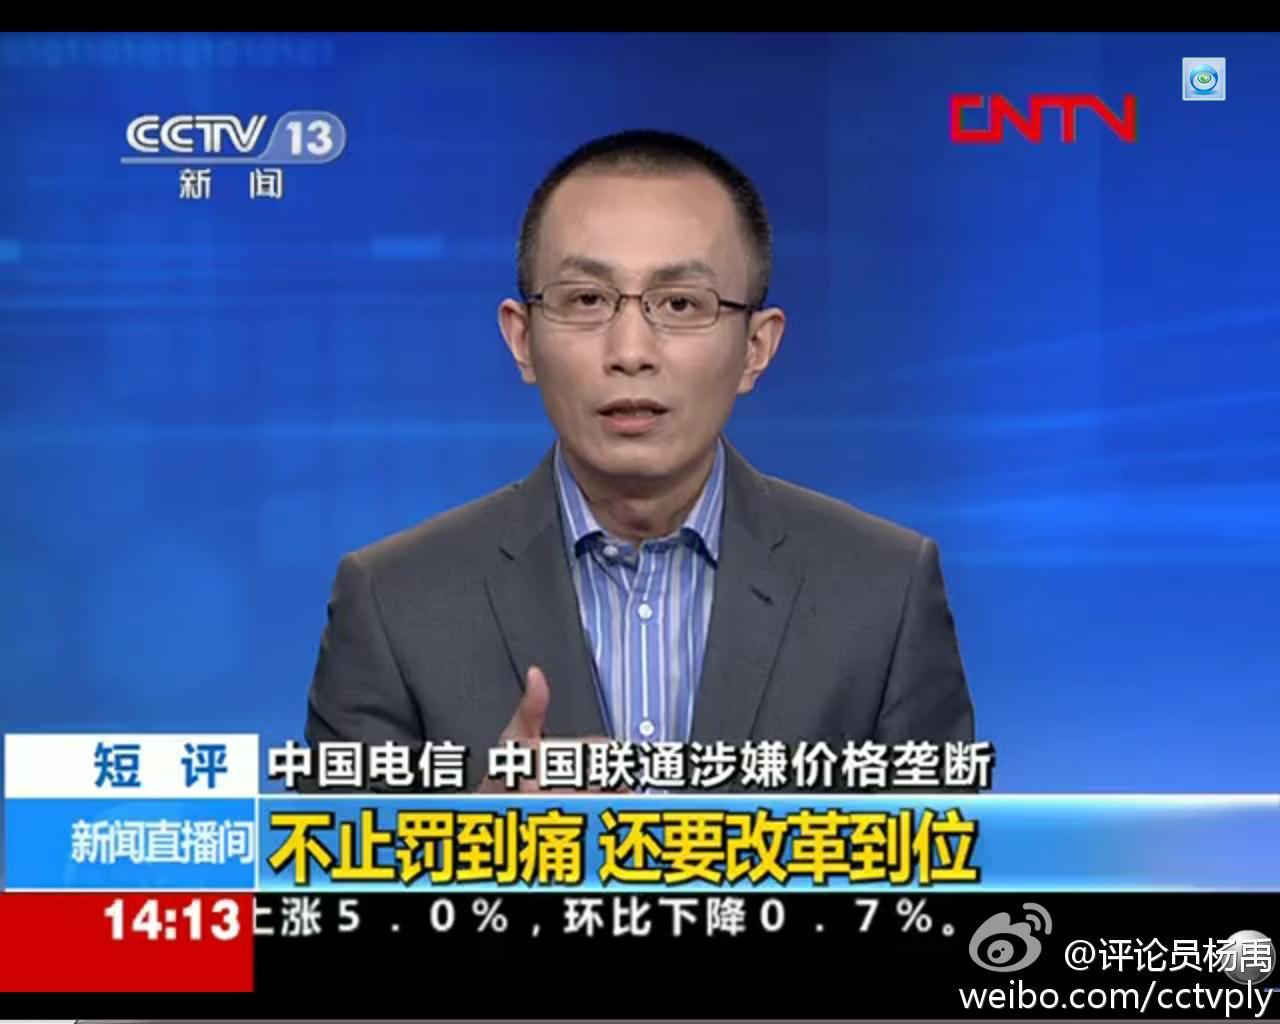 央视评论员 杨禹 这个发型叫什么 好像不是卡尺吧 高清图片